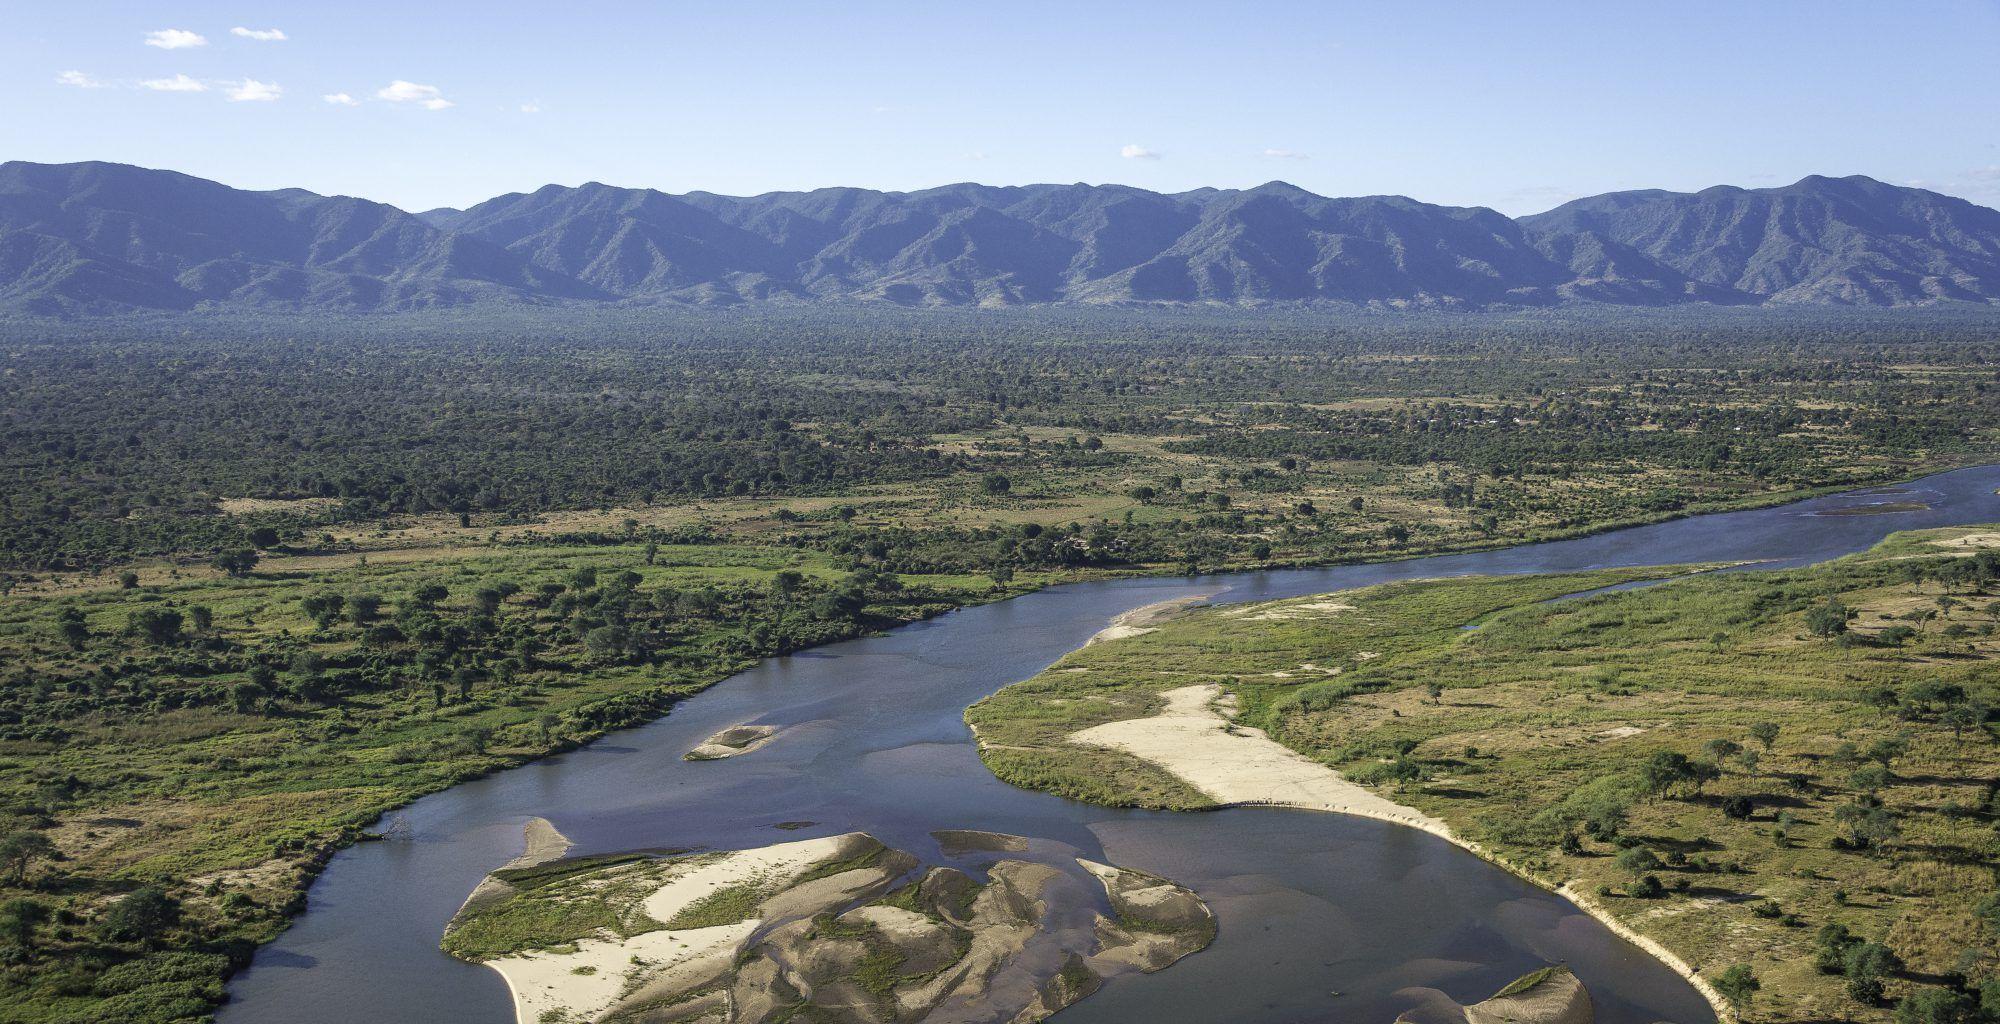 Zimbabwe-Ruckomechi-Landscape-Aerial